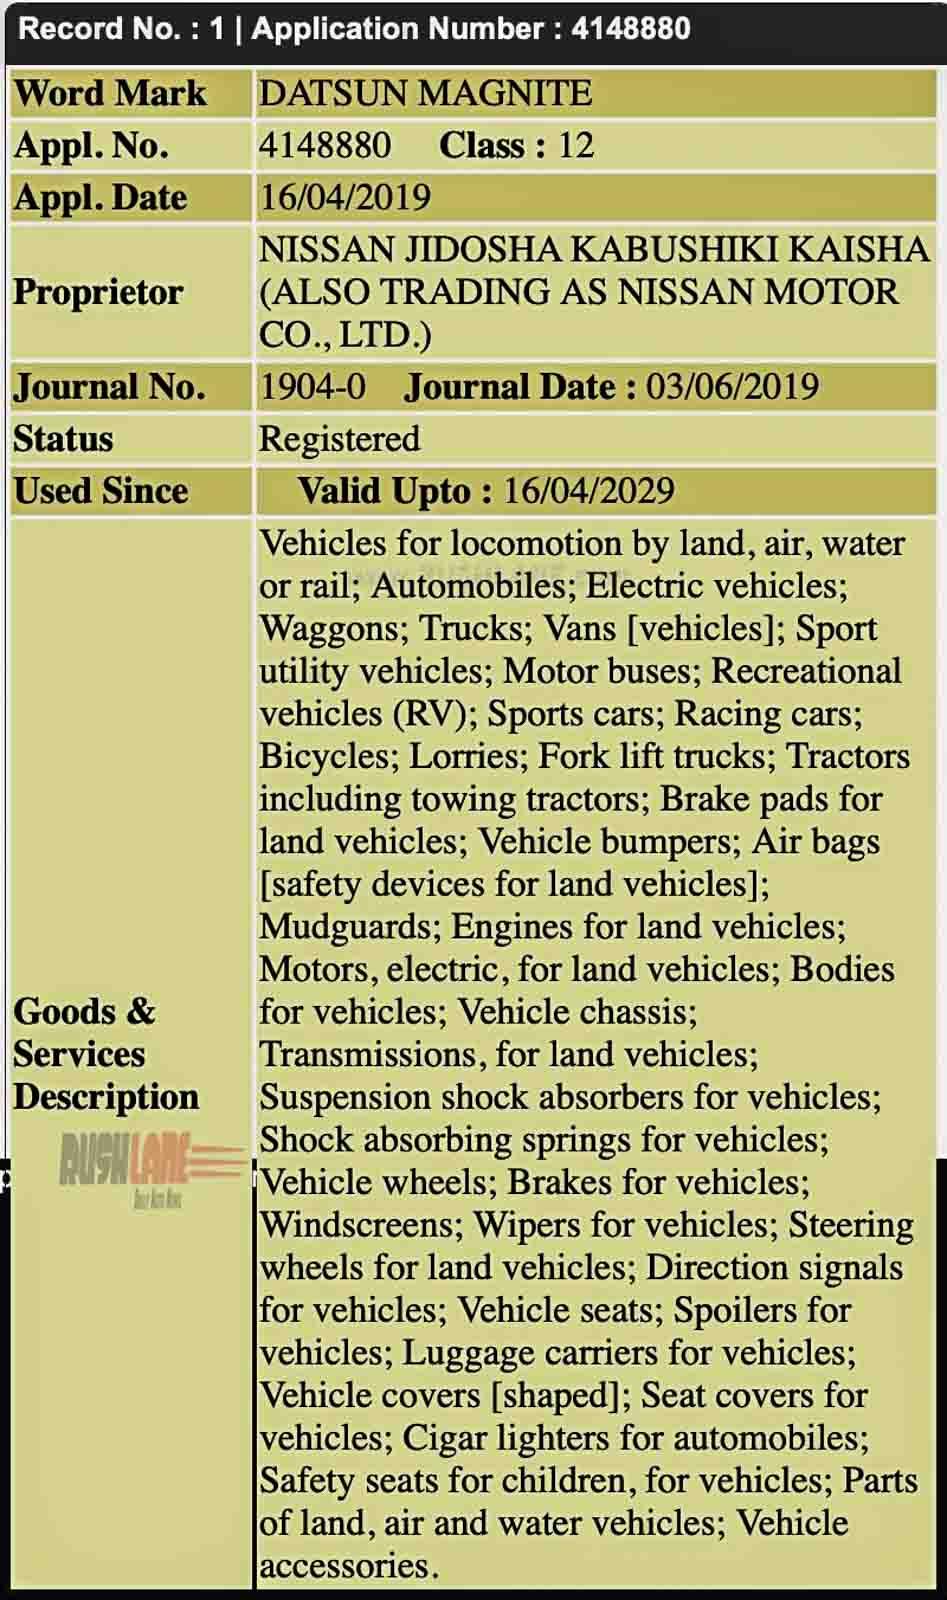 Datsun Magnite small SUV Concept